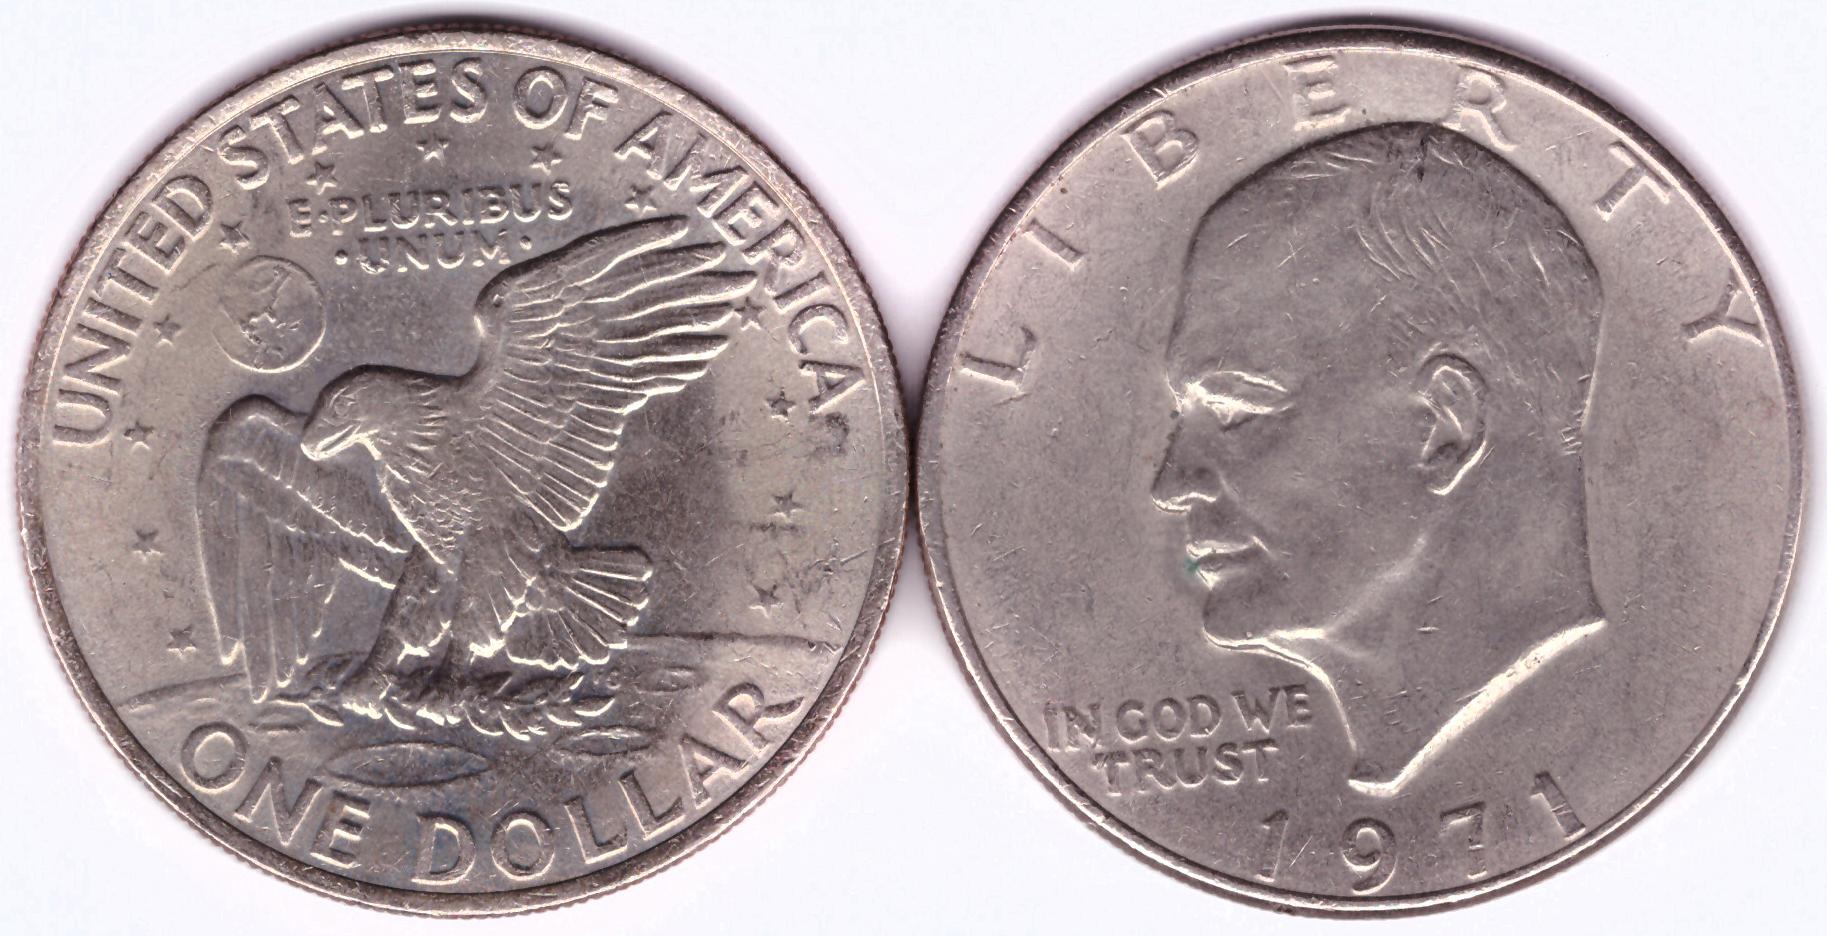 1 доллар США Эйзенхауэр 1971 г. XF (Лунный)